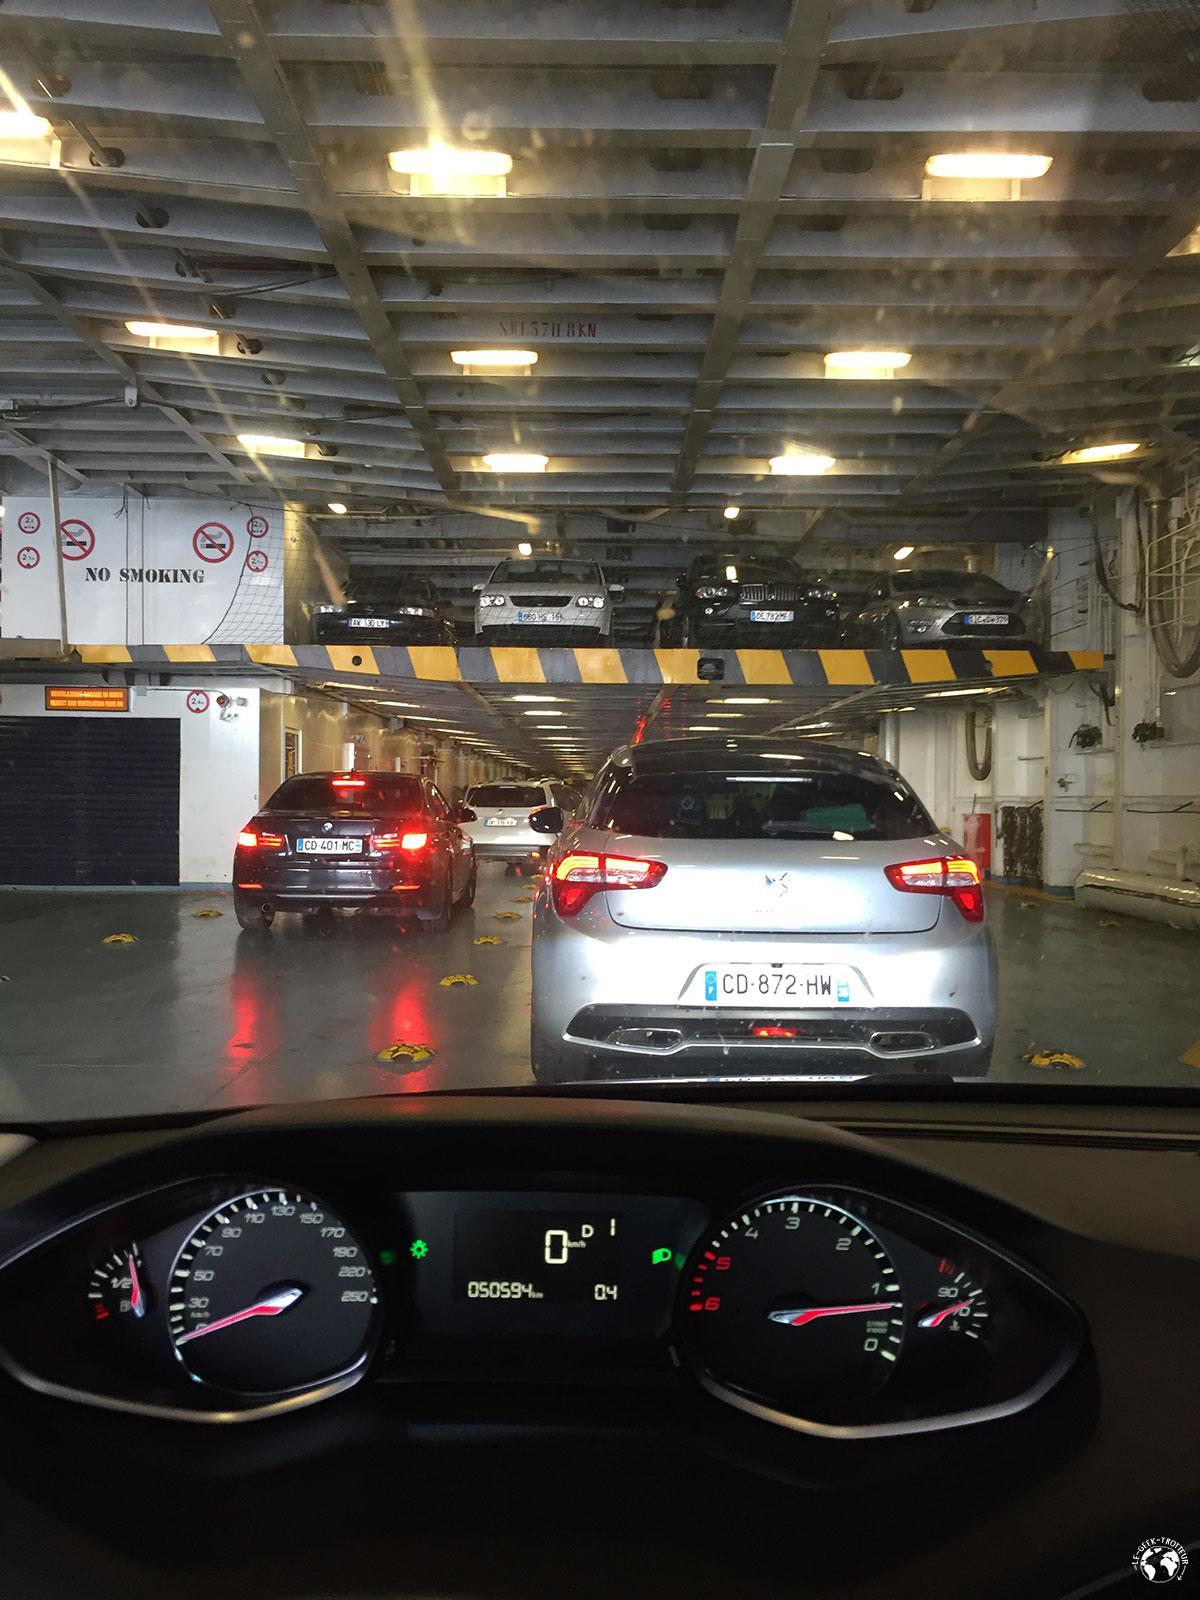 On embarque en voiture dans le ferry